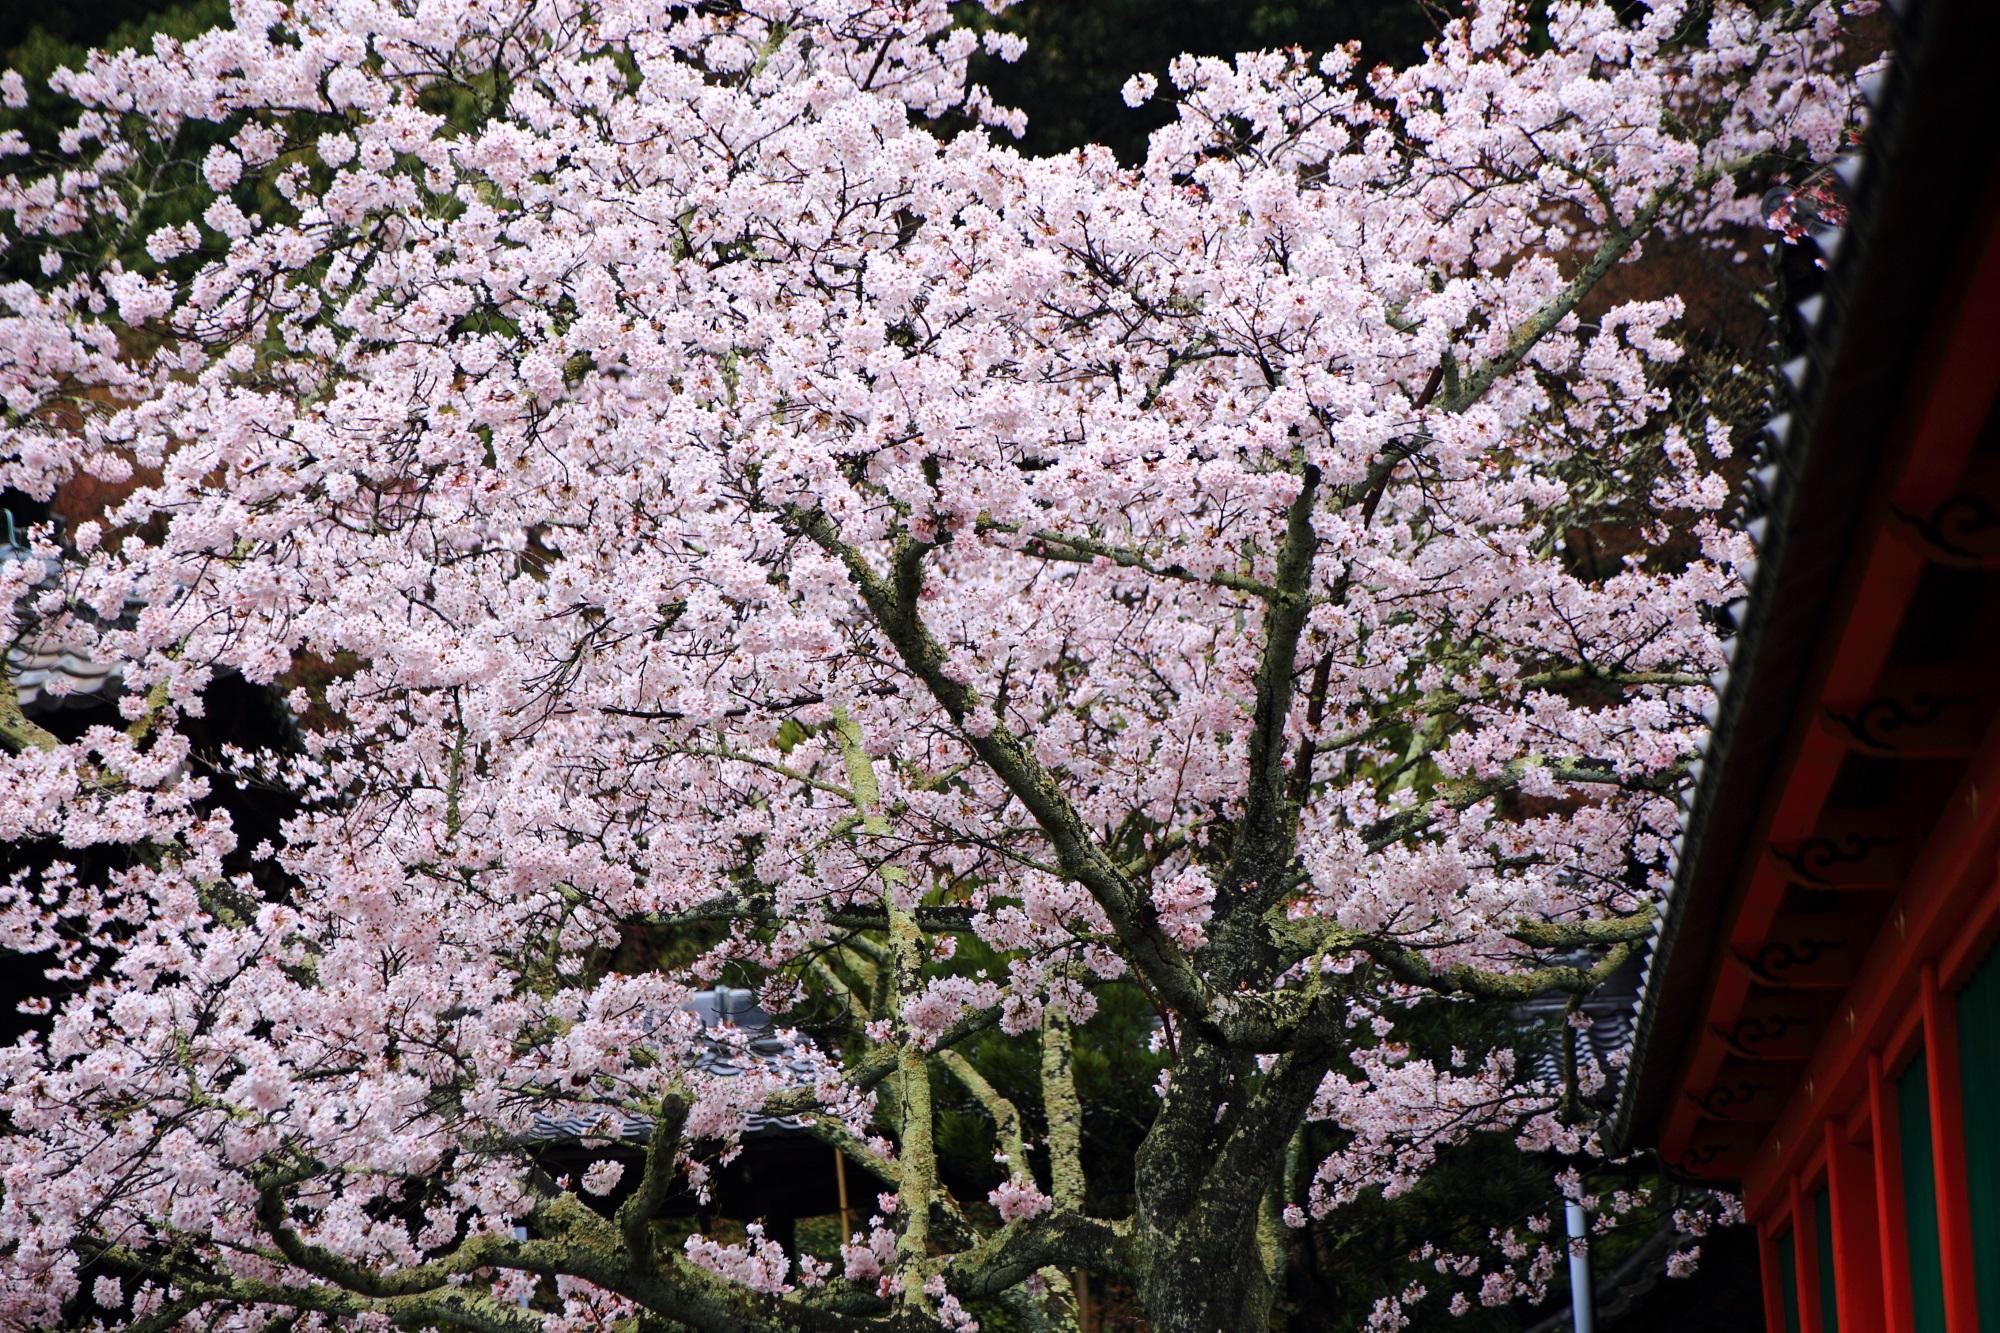 綺麗な花を溢れんばかりにつける桜